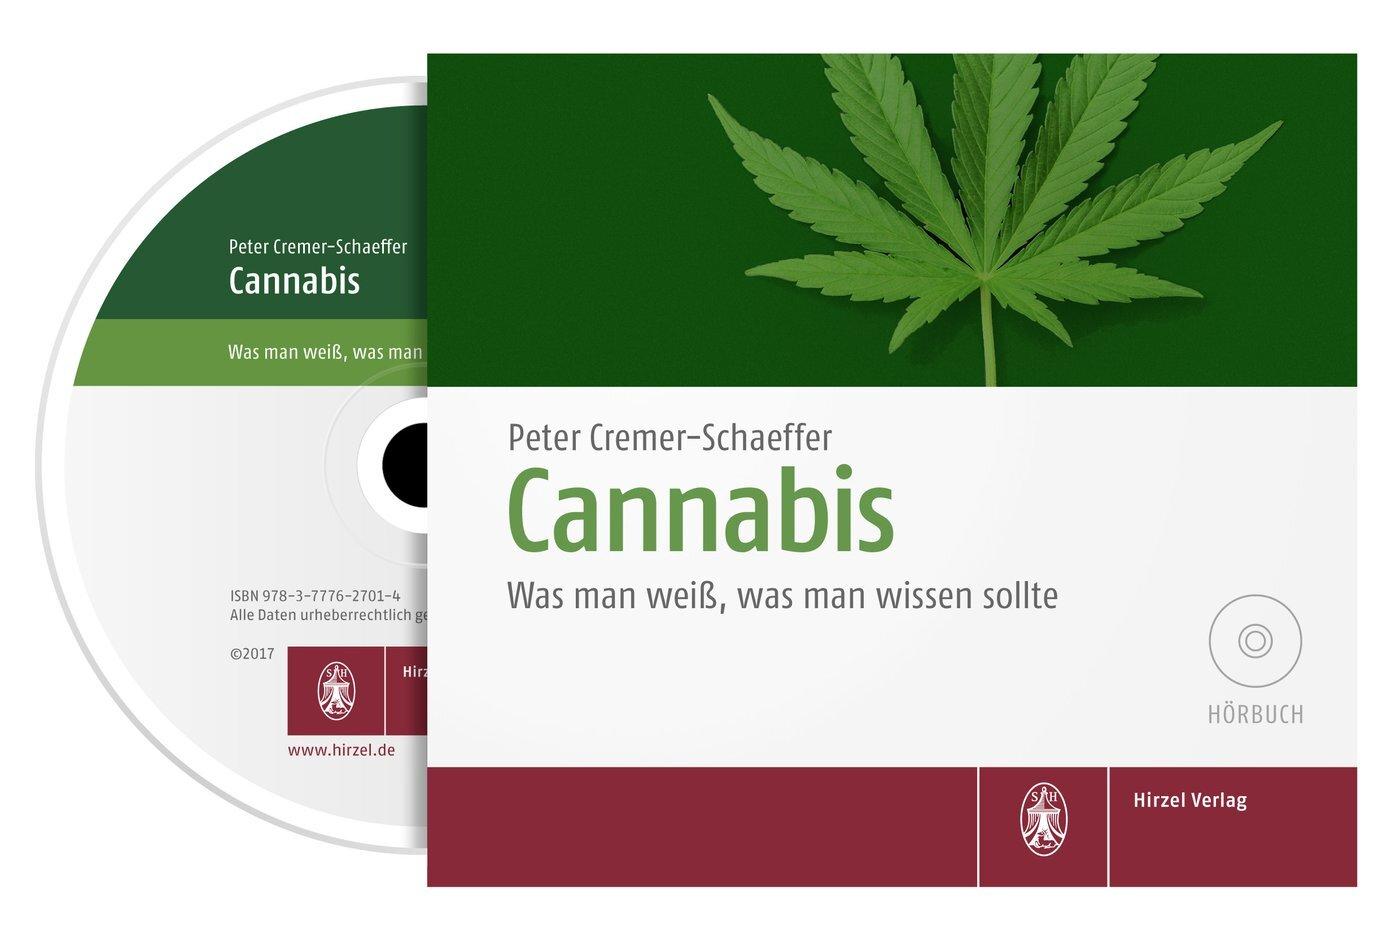 Cannabis als Hörbuch CD von Peter Cremer-Schaeffer